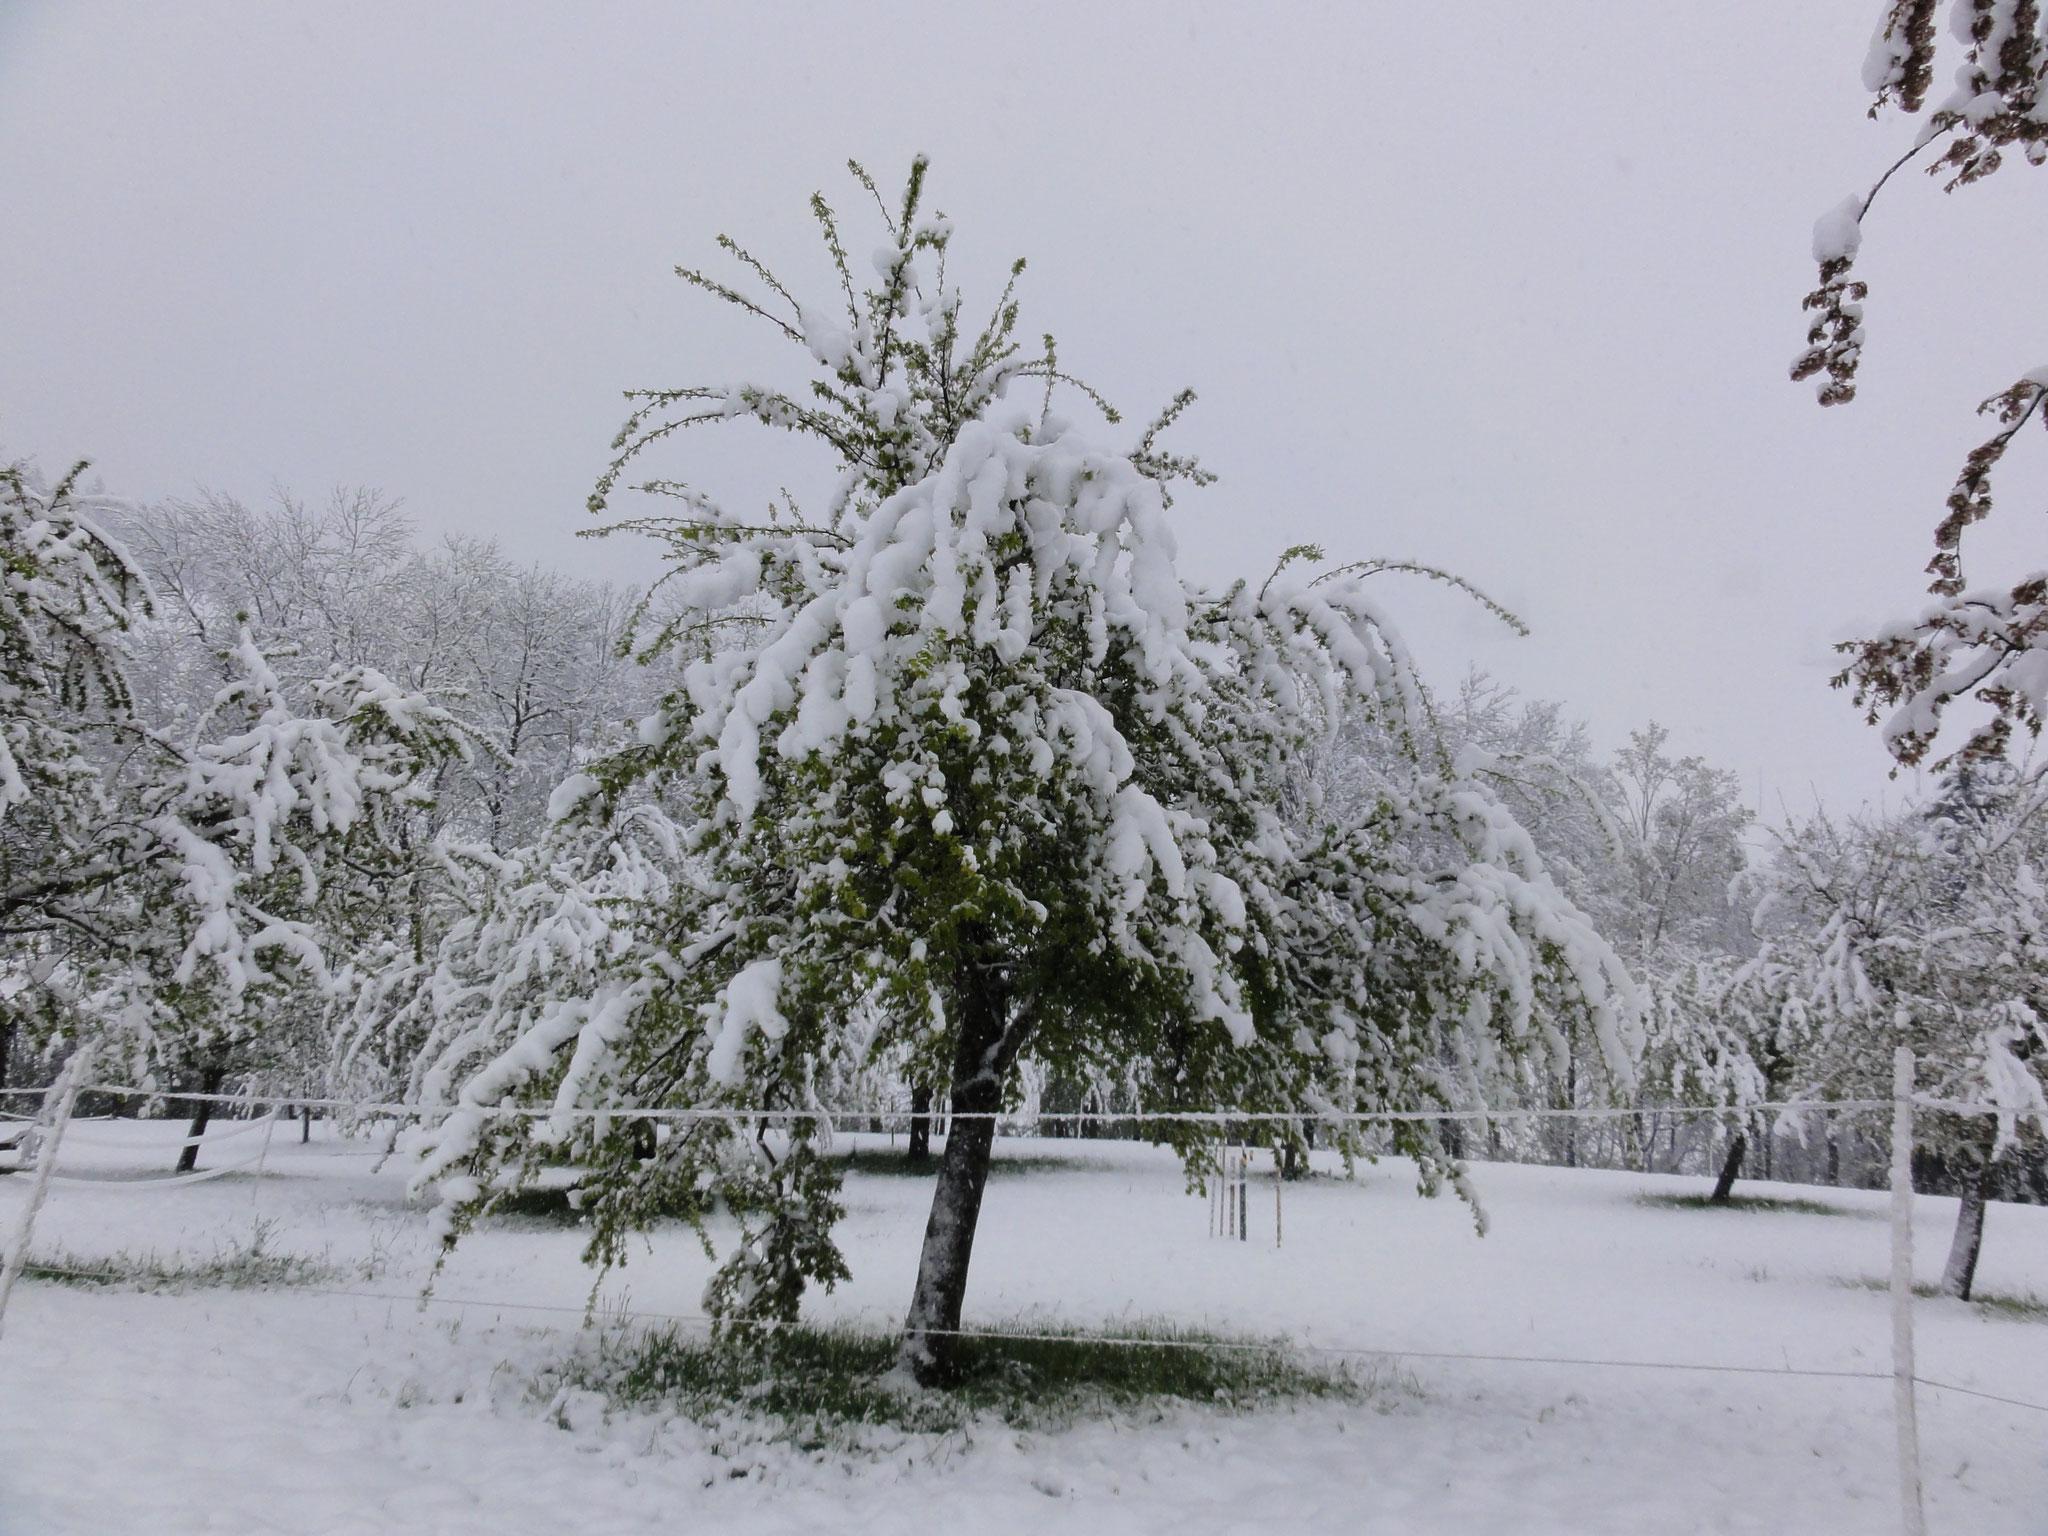 28. April 2017  alle Bäume sind in der Blüte oder haben schon Blätter und haben schwer mit der Schneelast zu kämpfen